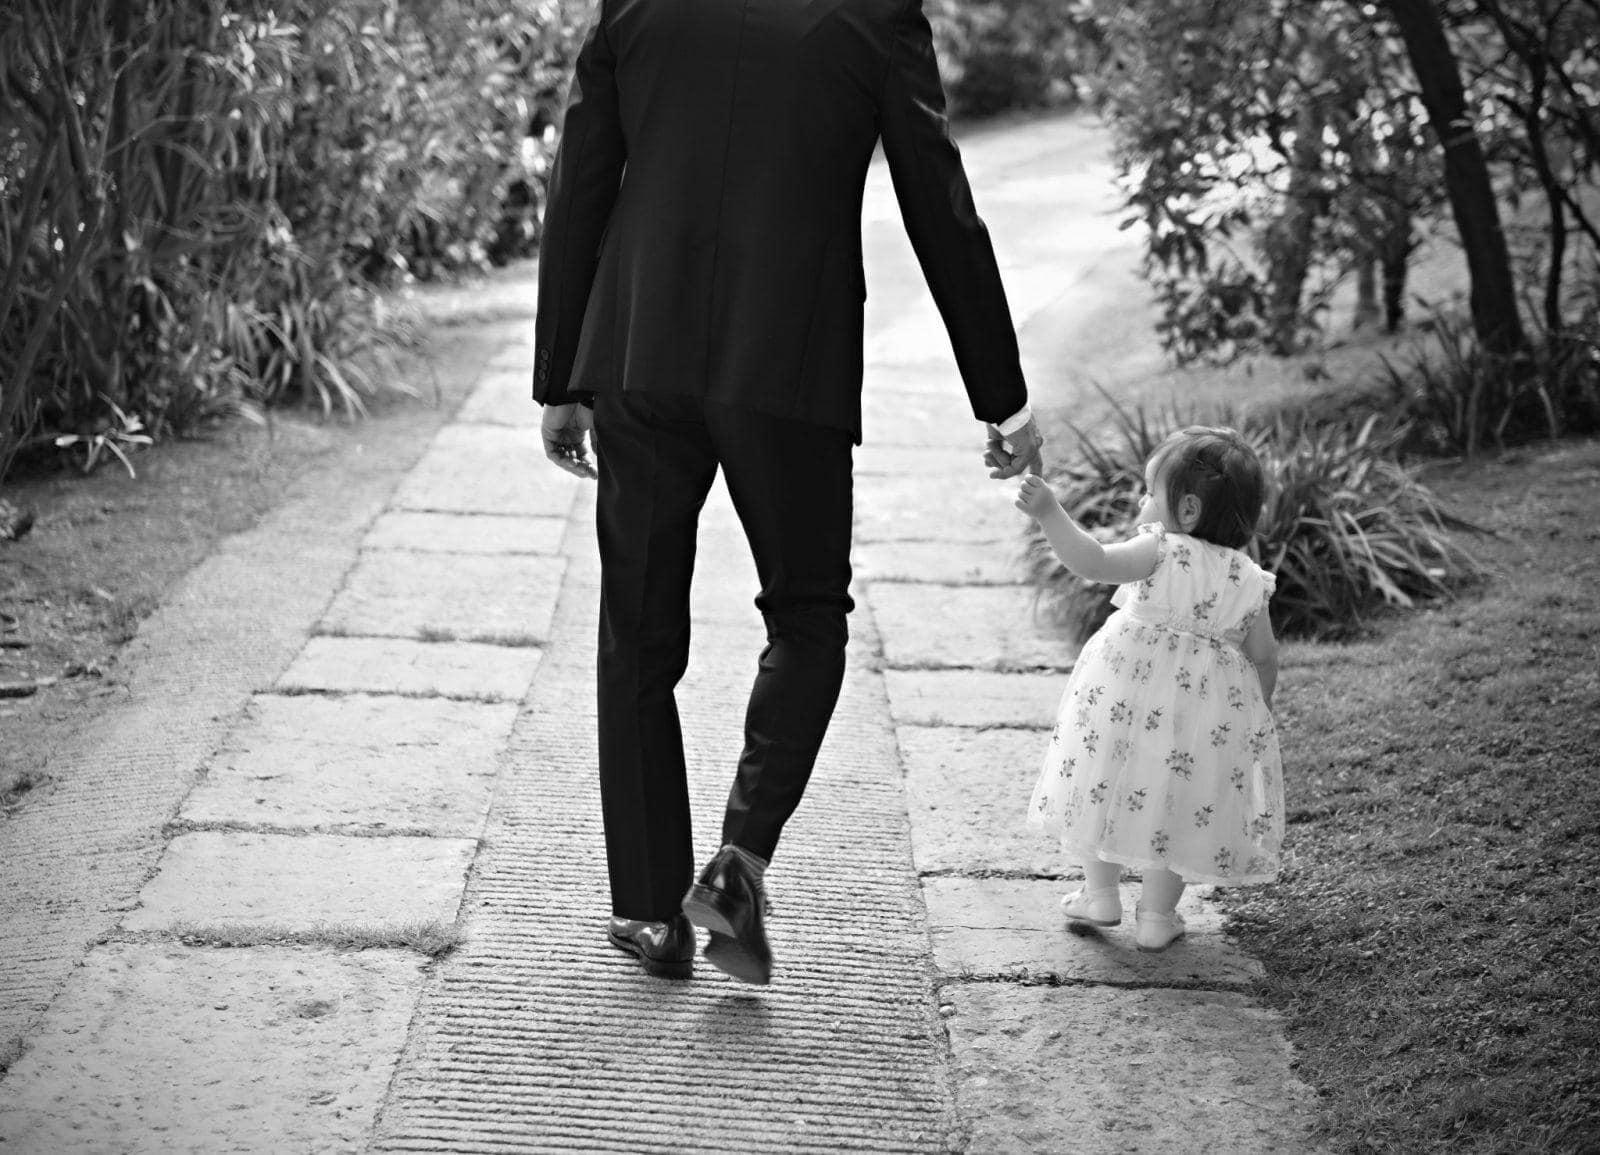 Il nonno accompagna per la mano la nipote